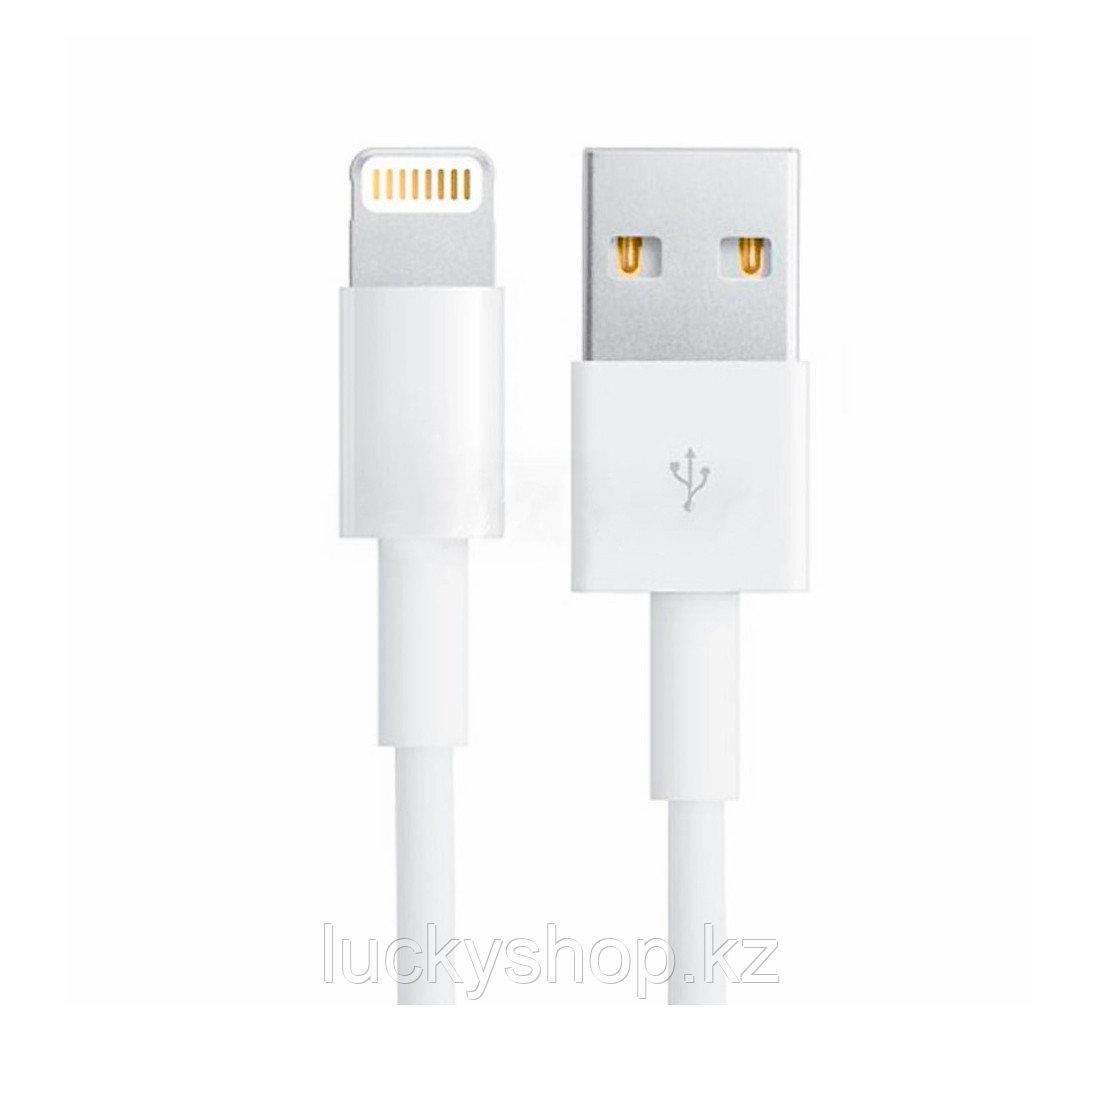 Интерфейсный кабель Xiaomi Lightning Белый - фото 2